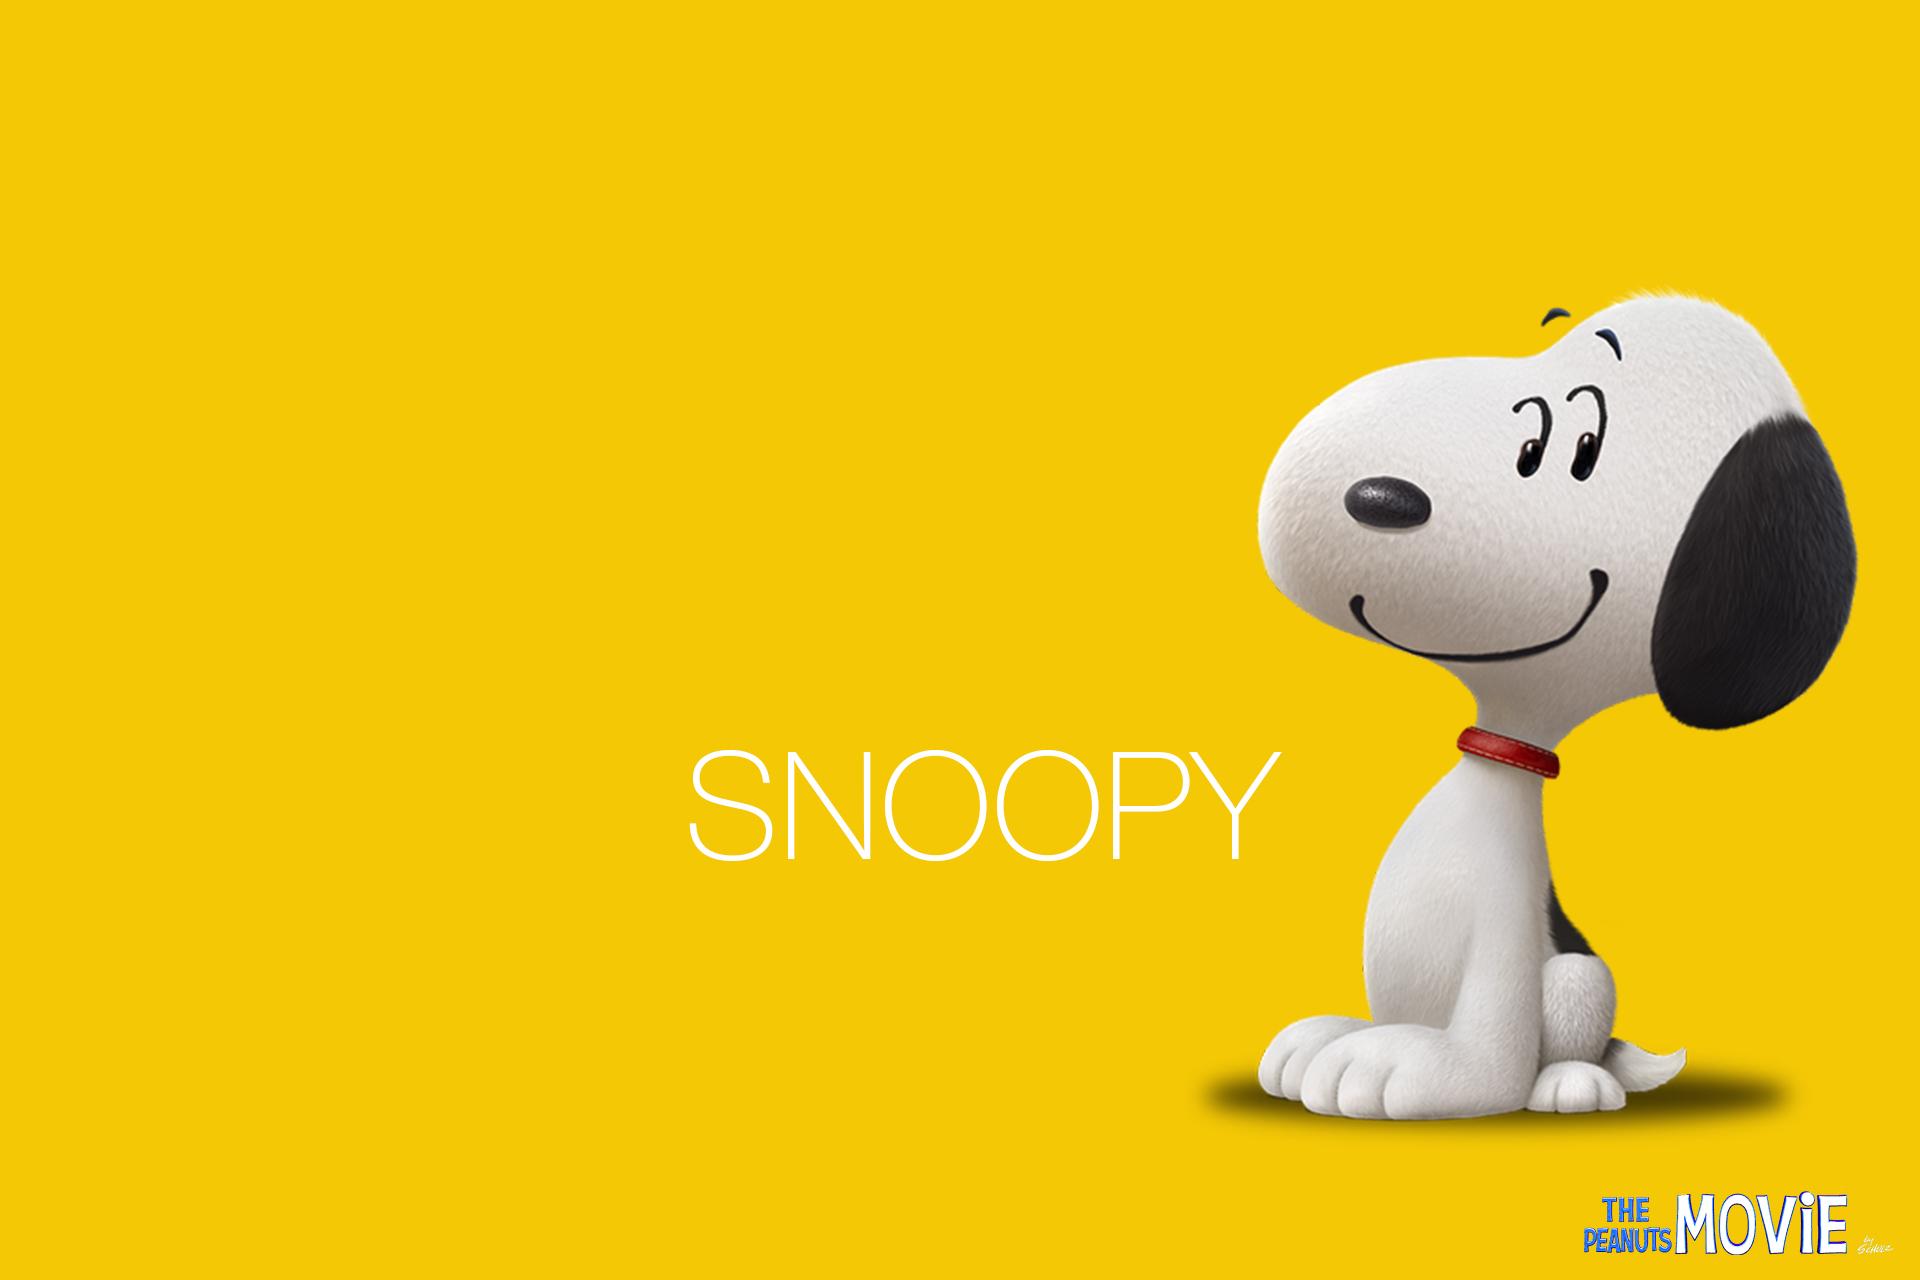 Snoopy Wallpaper HD